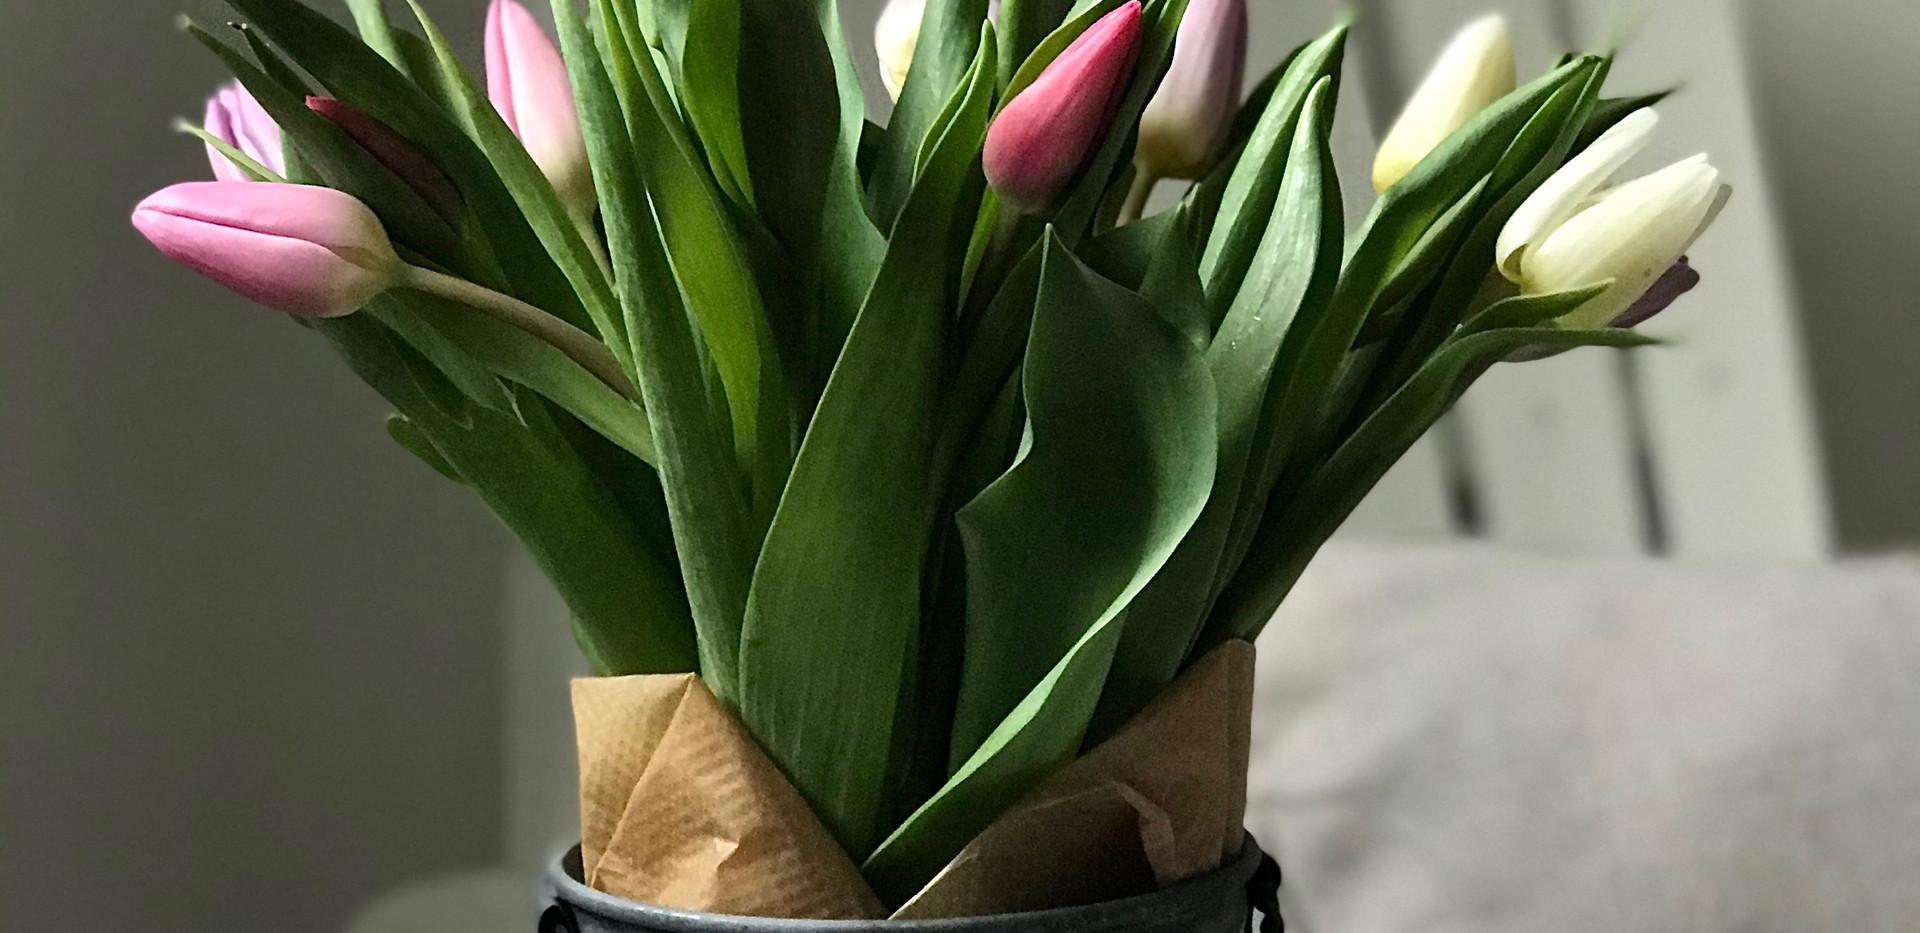 Tulips in flower pot